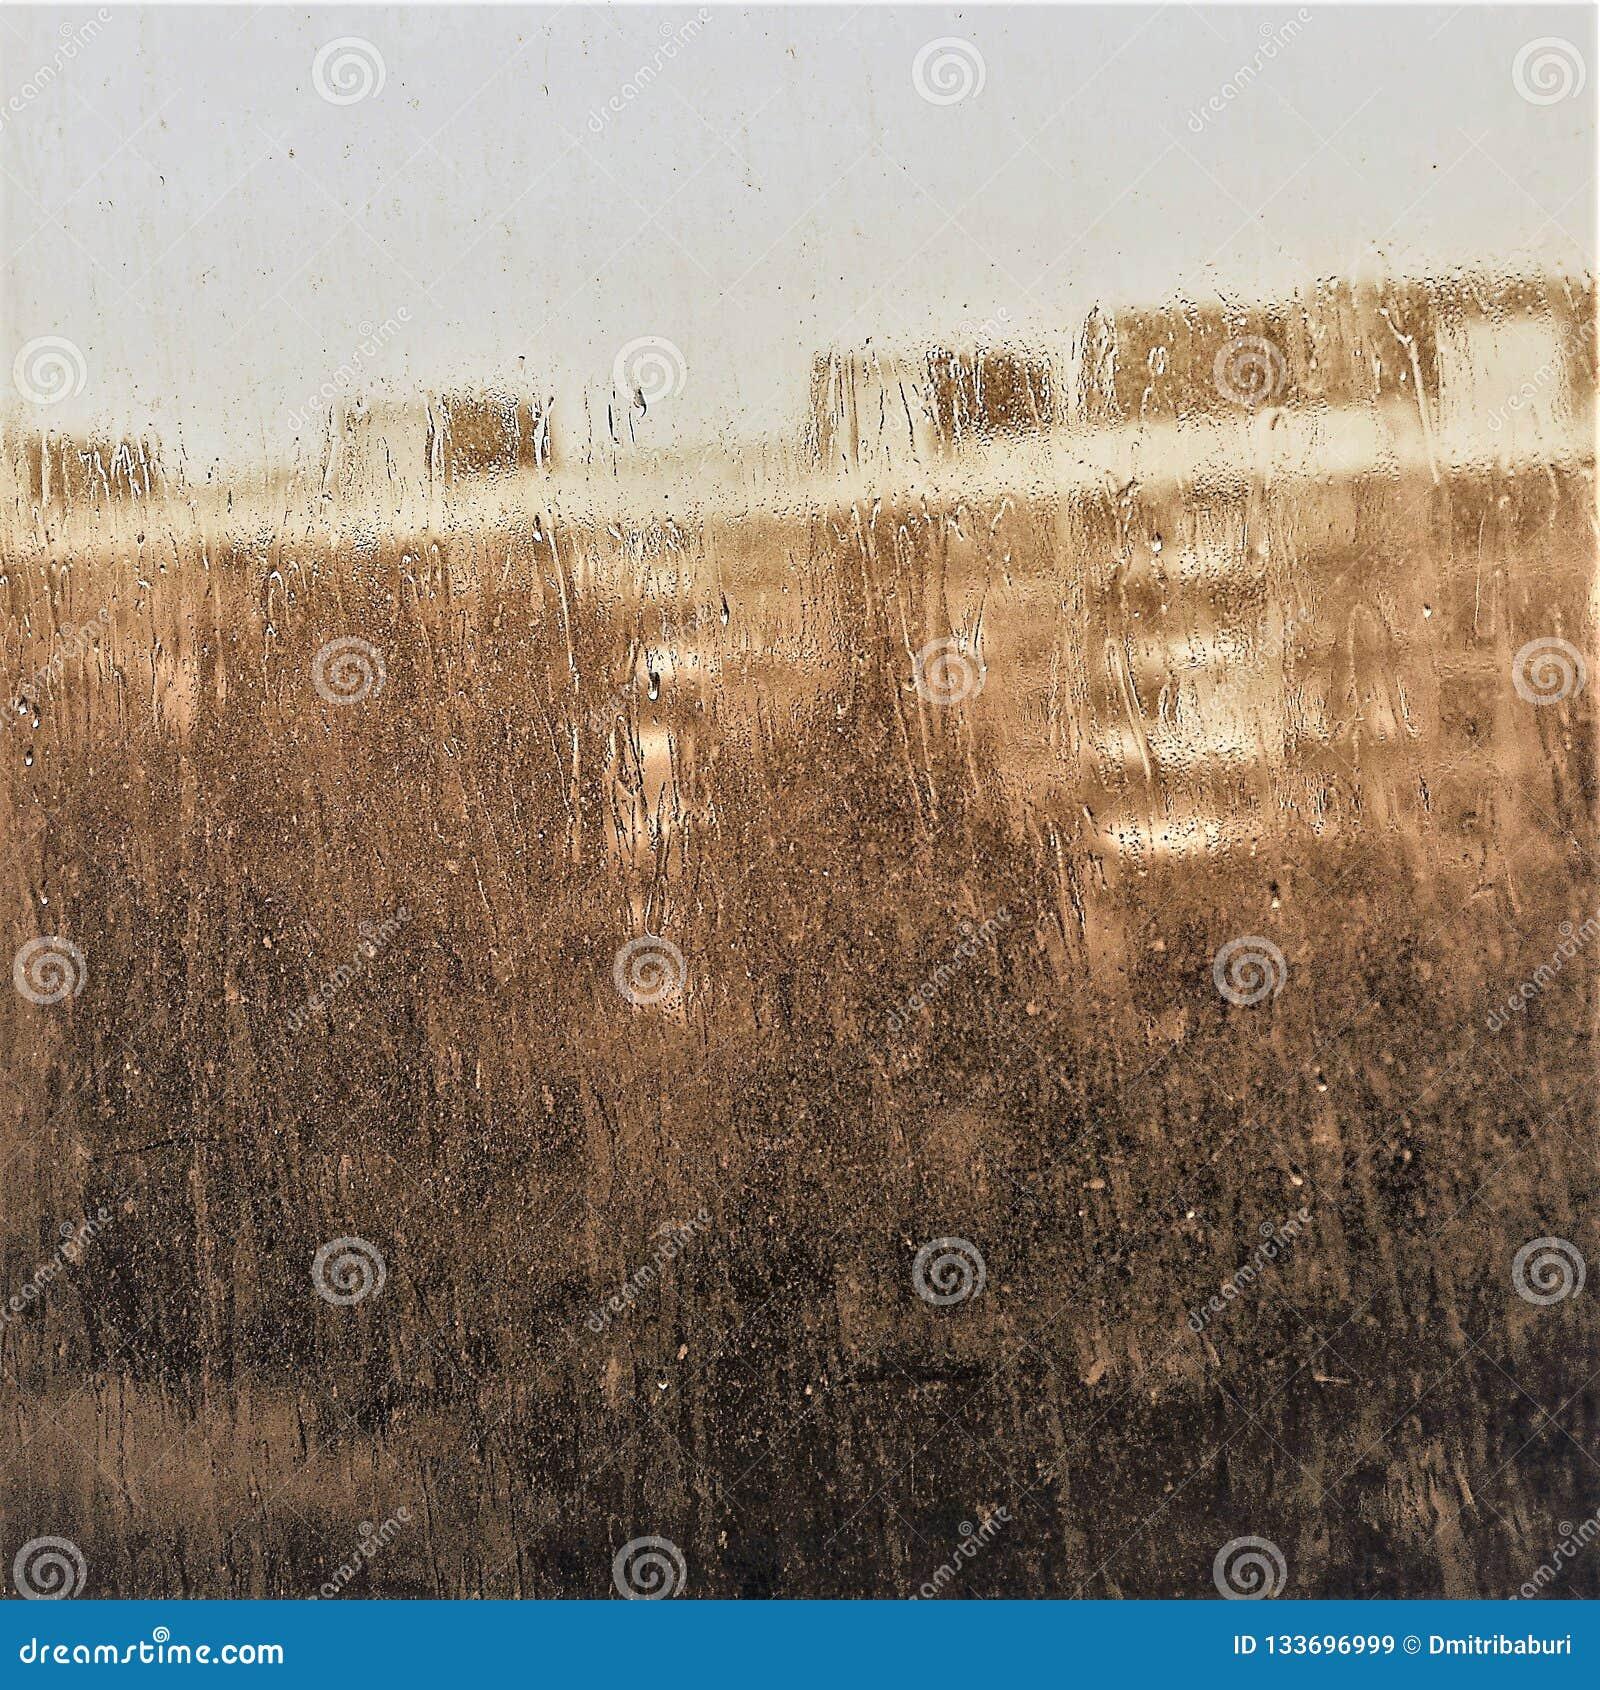 Verre de fenêtre avec les gouttes de pluie débordantes au-dessus de lui